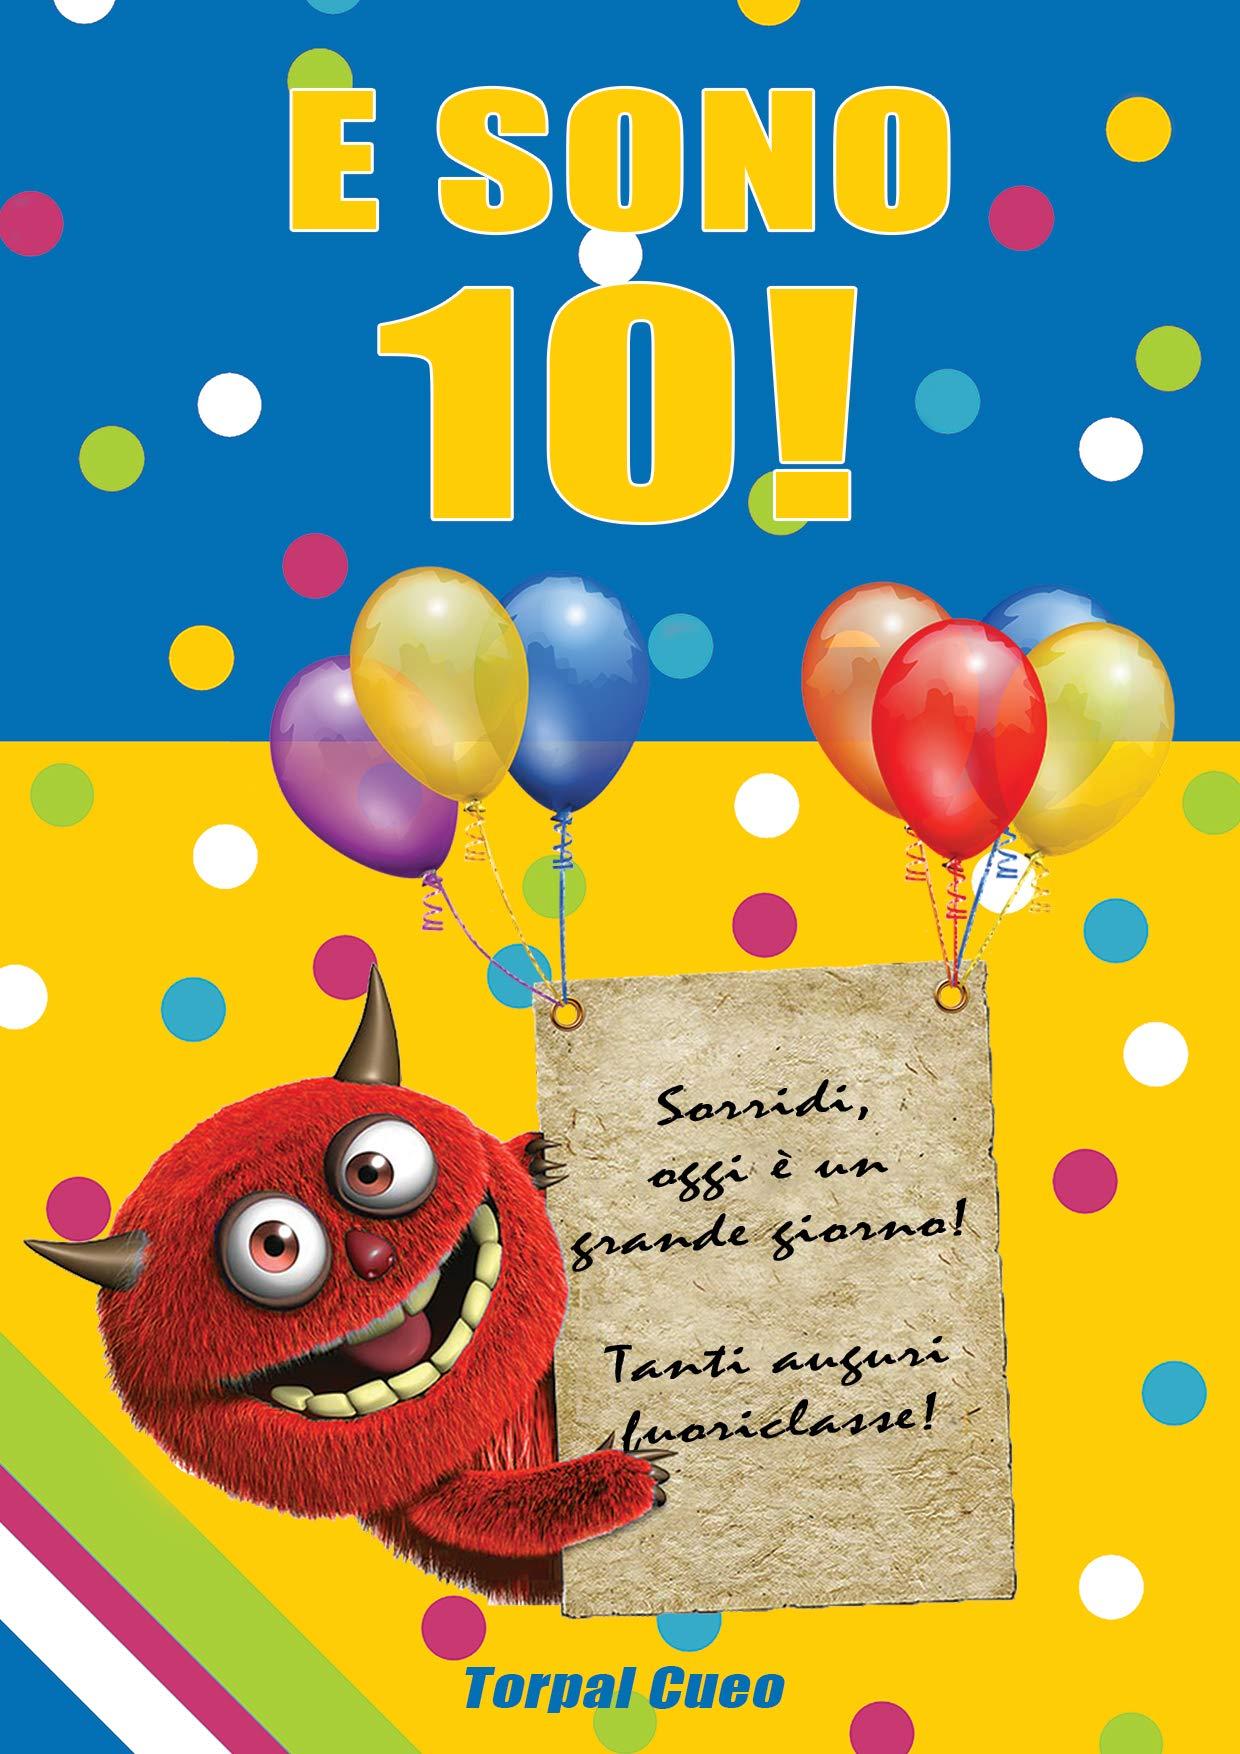 Frasi Compleanno Nipotina 10 Anni.Auguri Di Compleanno Per Bambini Di 10 Anni